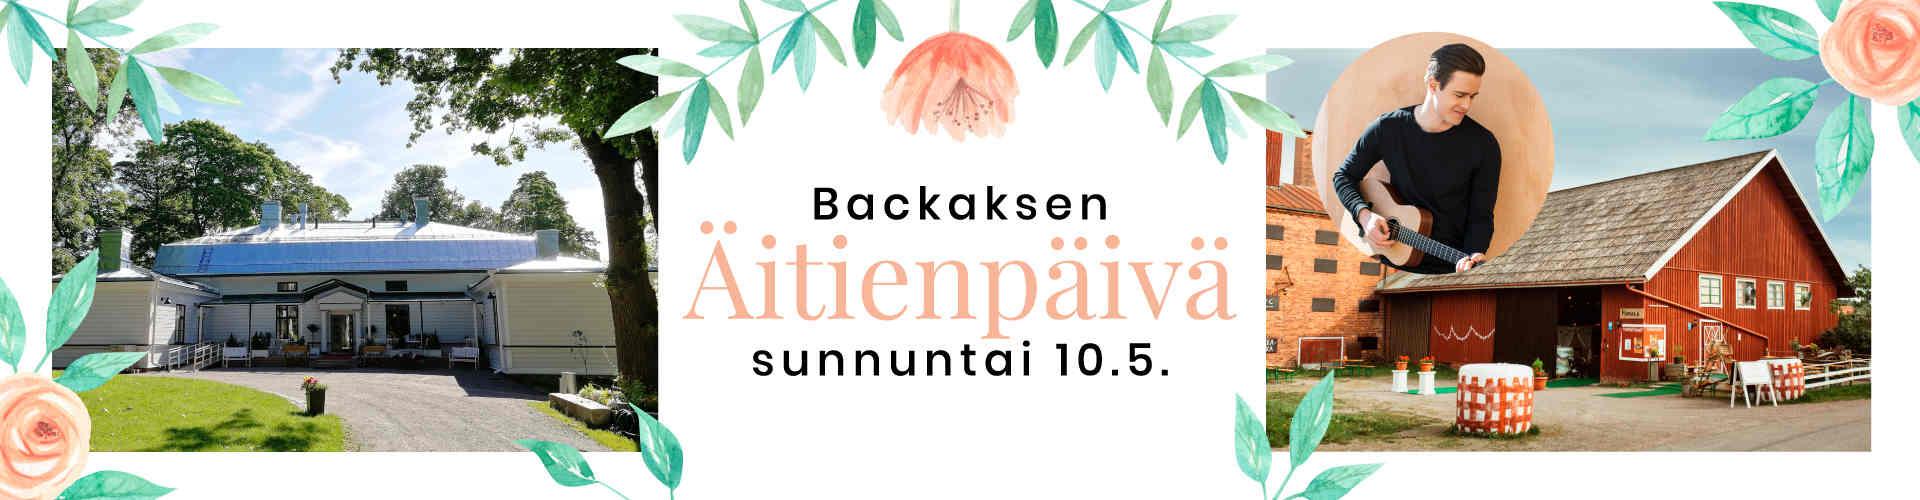 Mikko Harju & Puimalan äitienpäivälounas 10.5